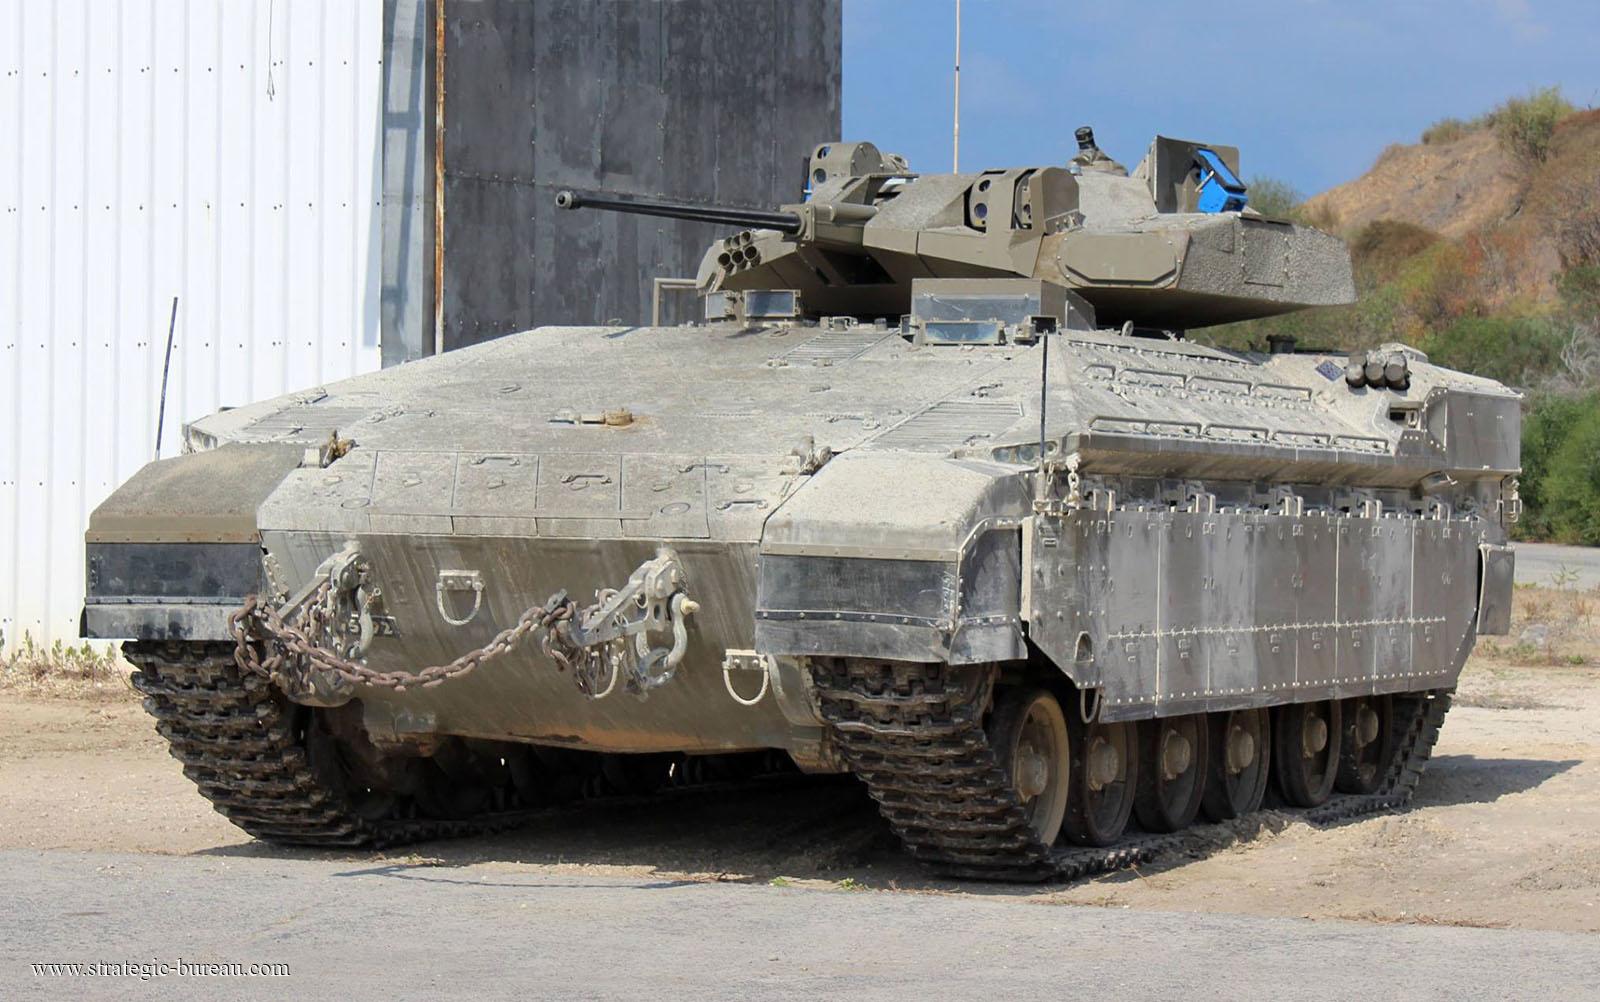 Arme Prototype prototype du namer armé d'un canon de 30 mm   strategic bureau of